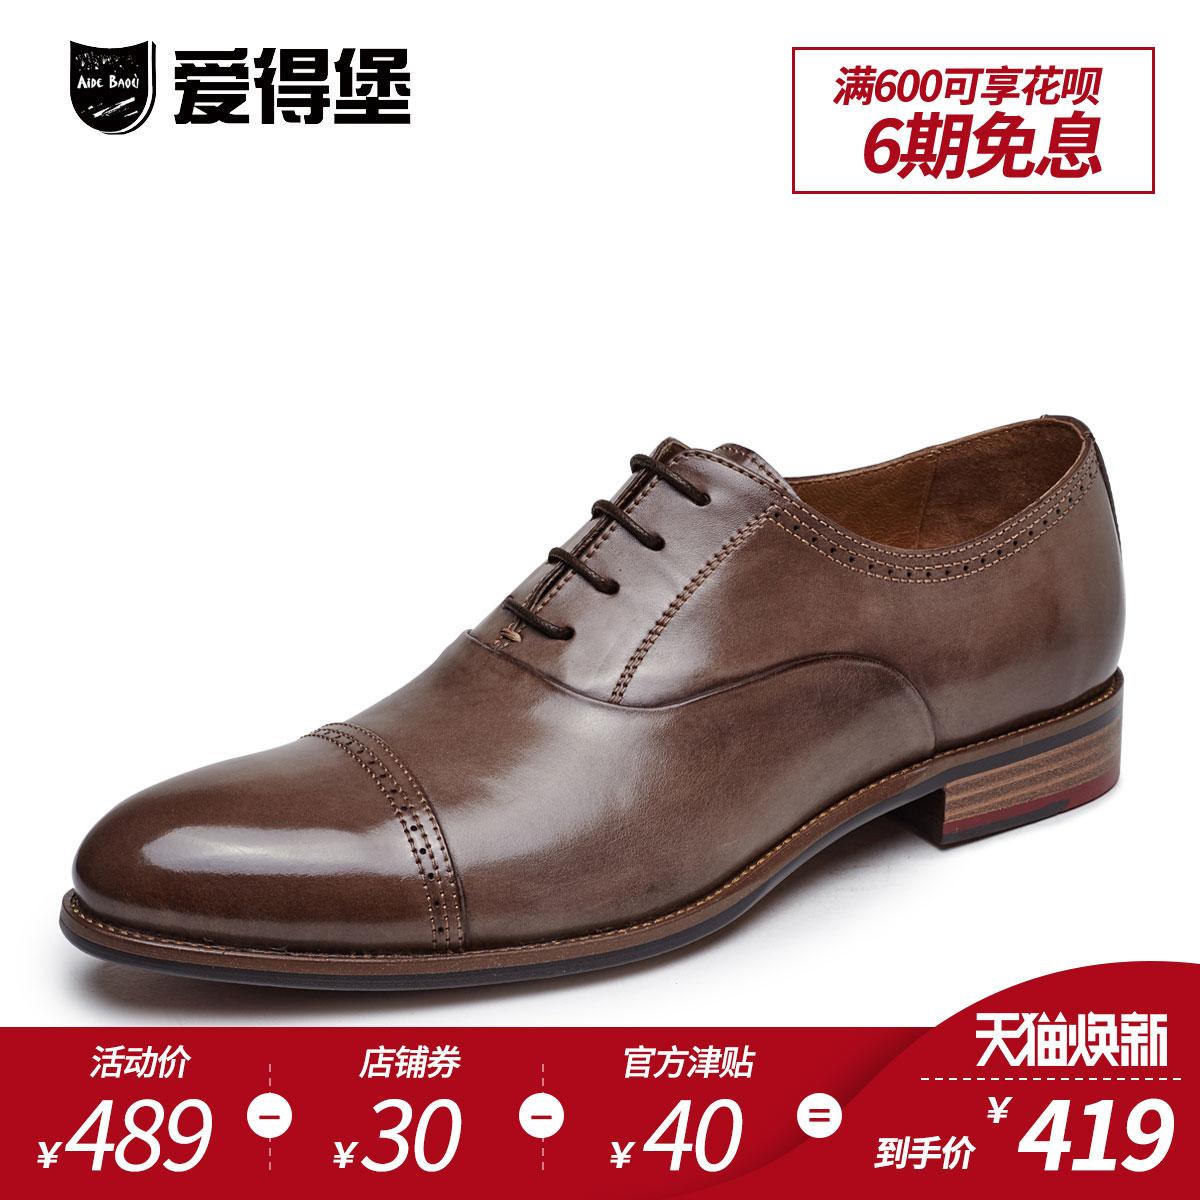 爱得堡牛津鞋男商务皮鞋男士休闲皮鞋英伦德比皮鞋男式皮鞋真皮